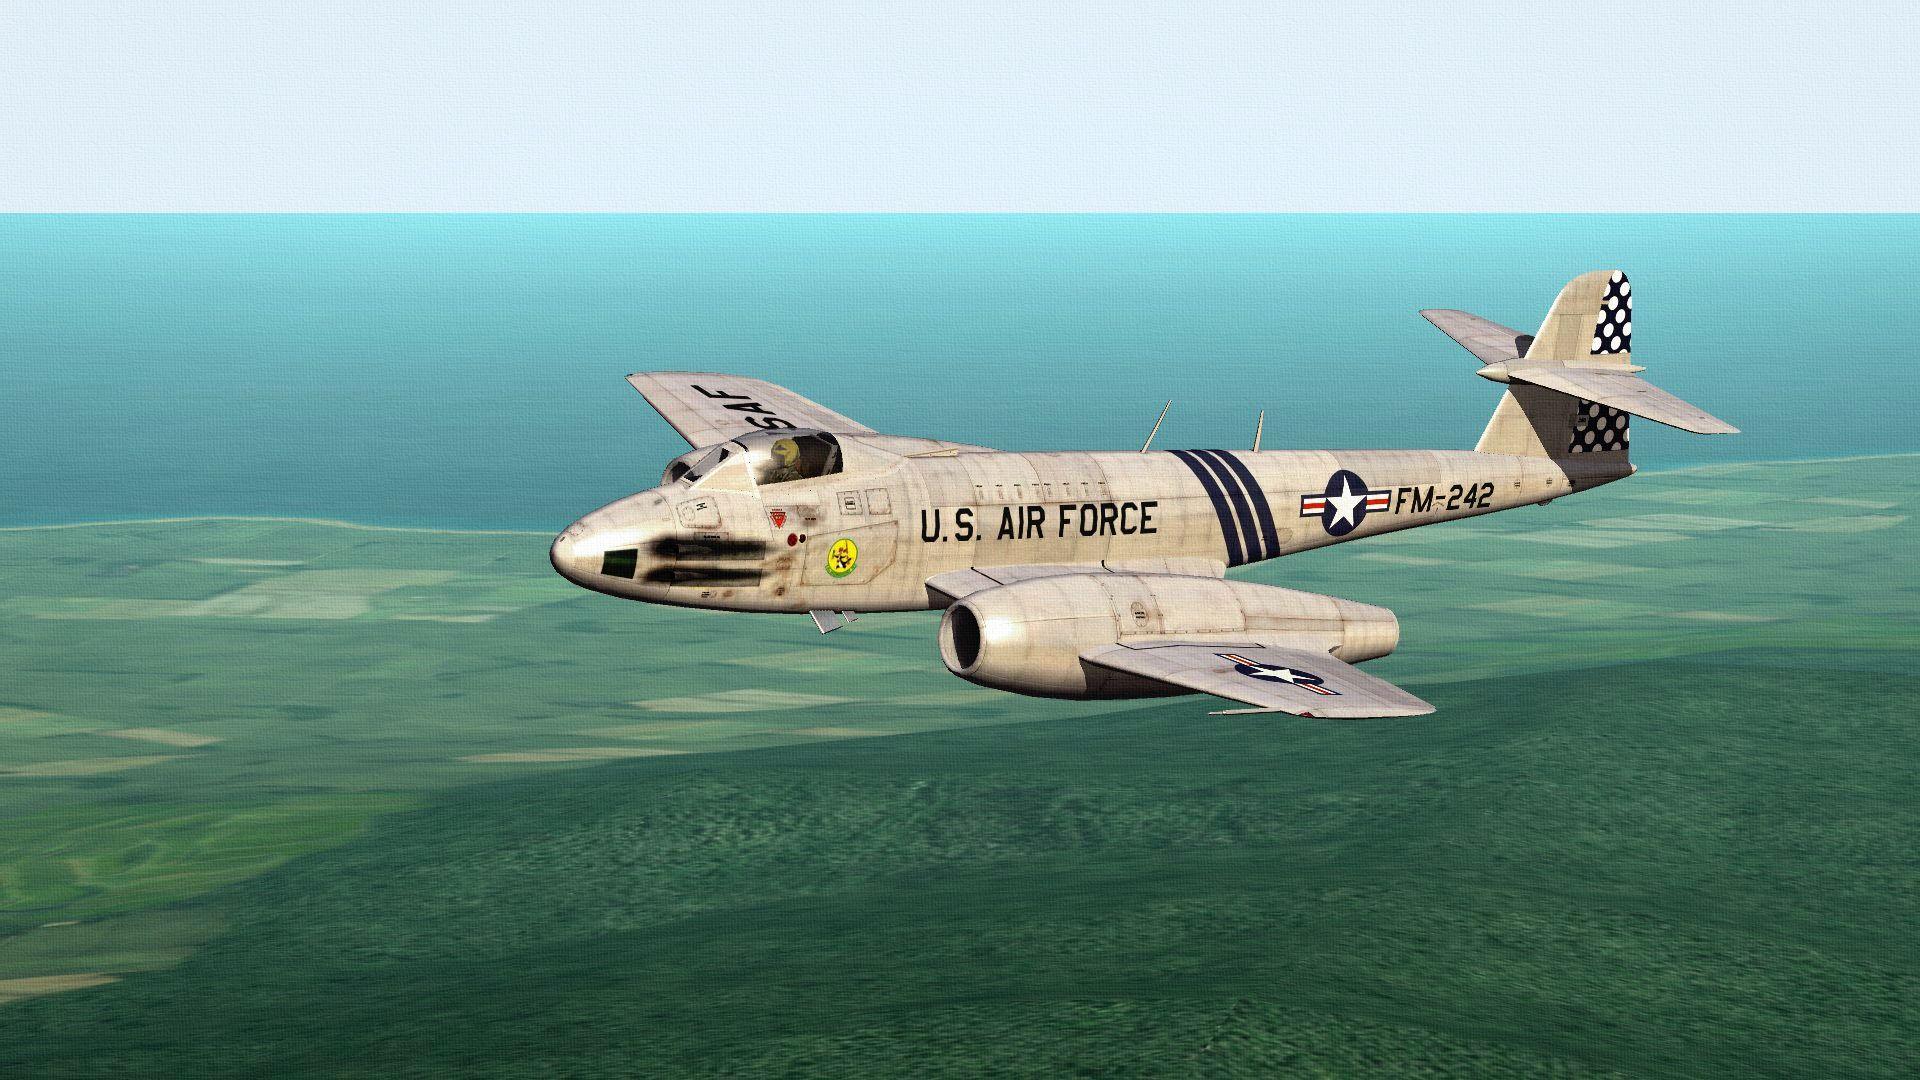 USAFRF-73DMETEOR02_zps6d5f5385.jpg